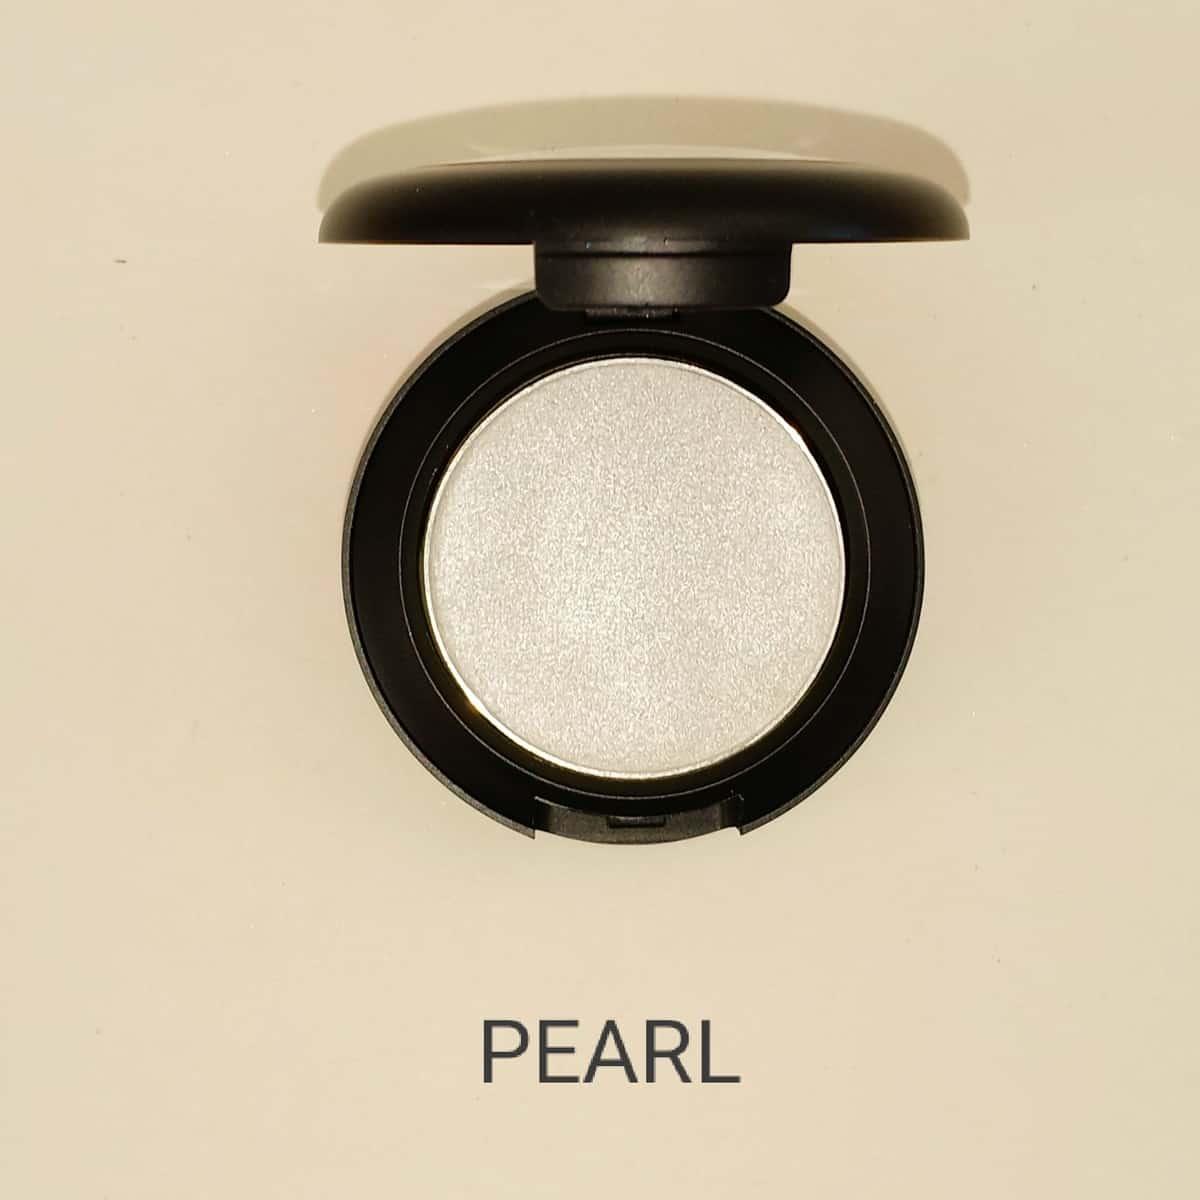 Pearl-min